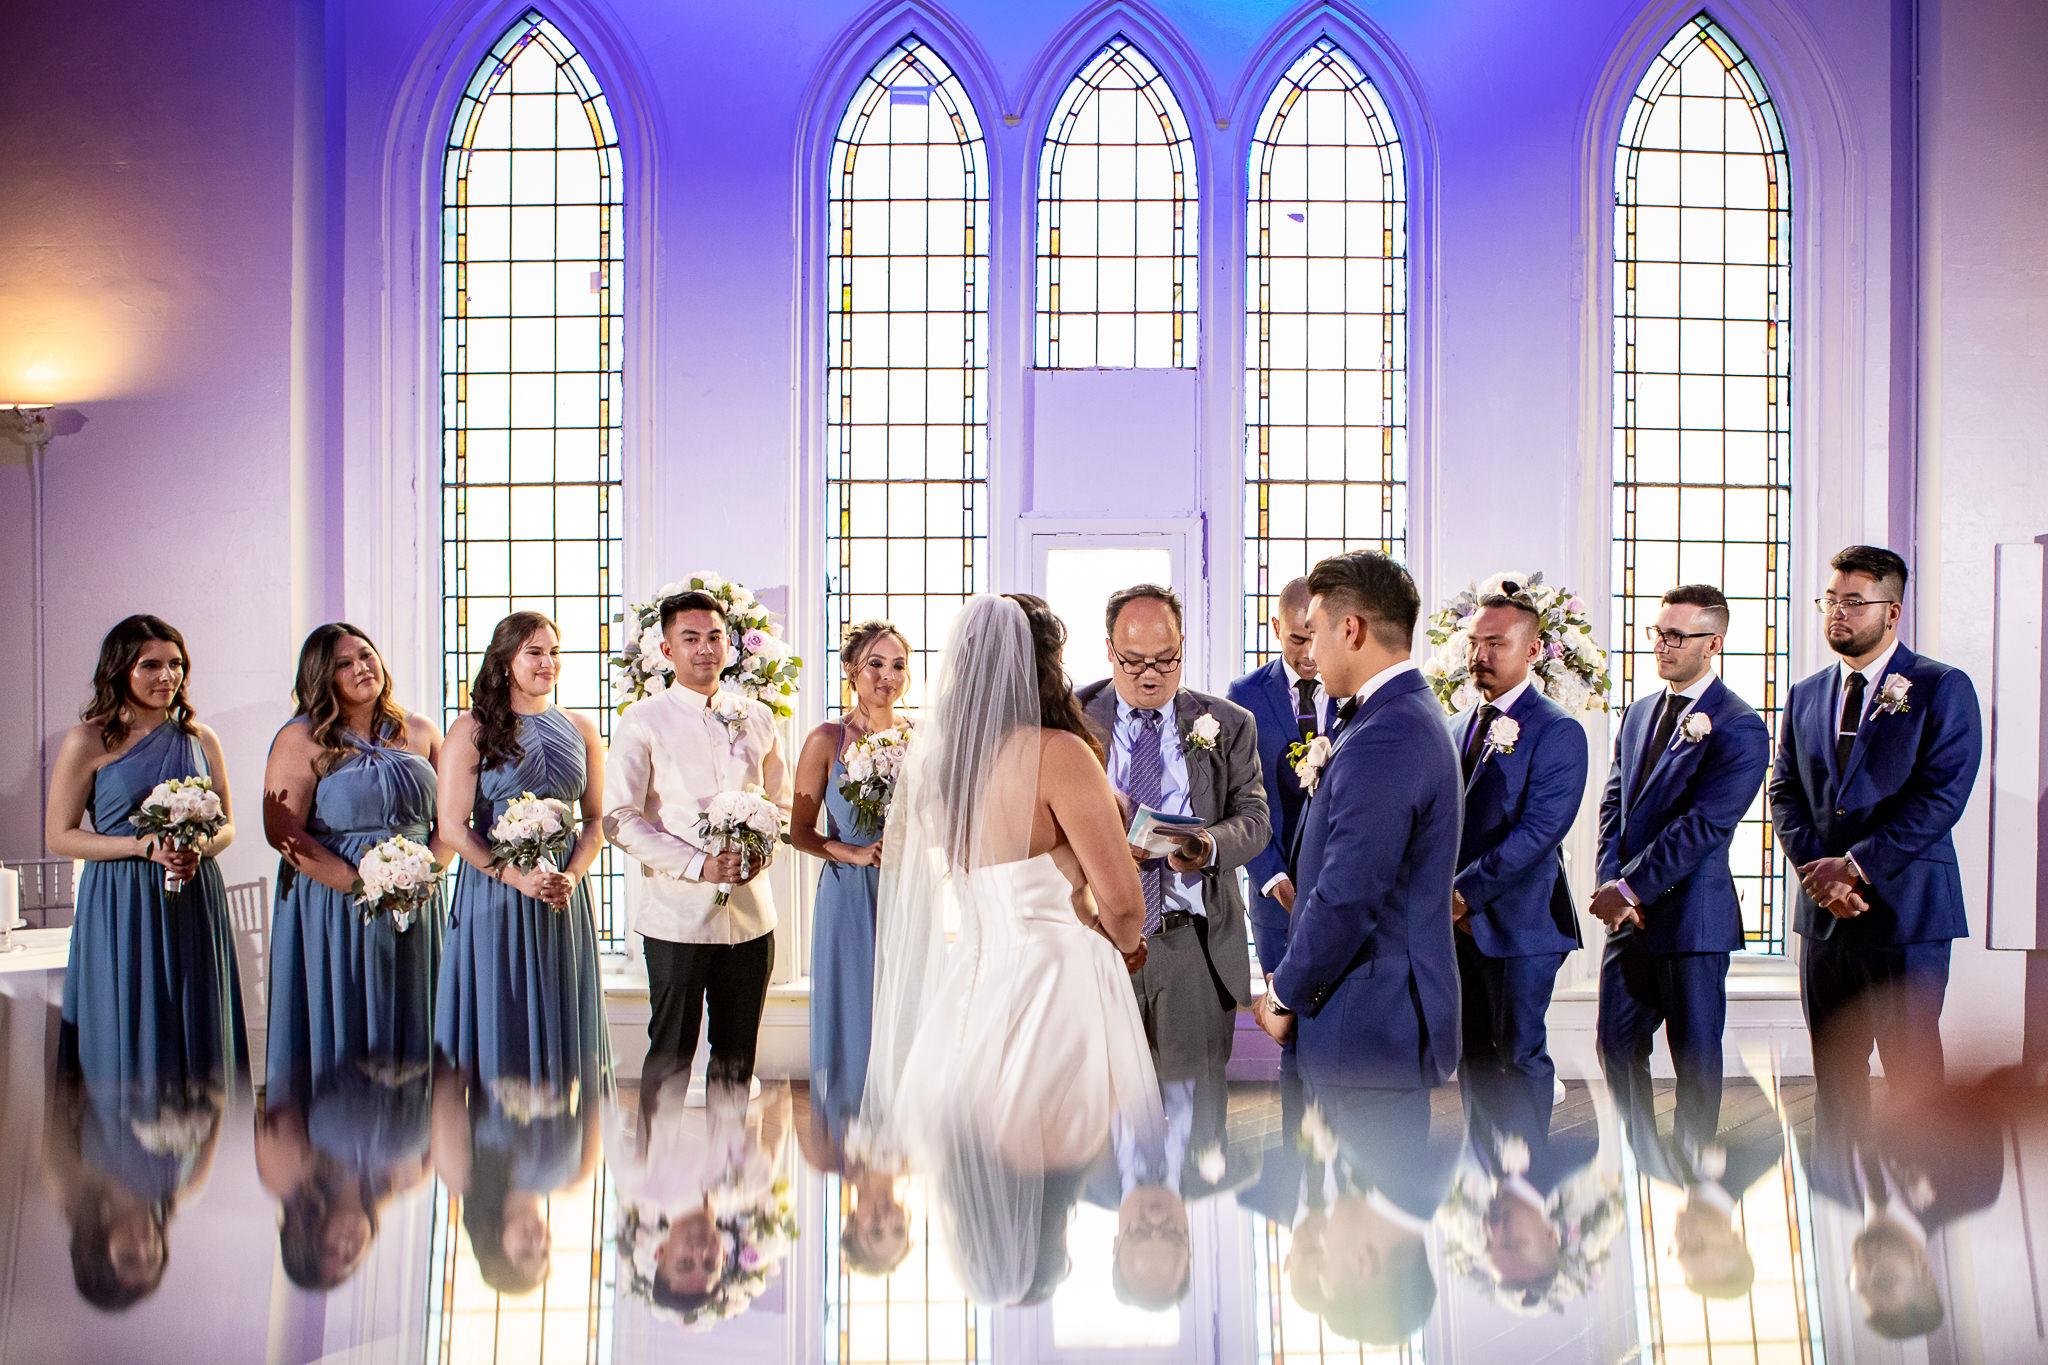 berkeley-wedding-photos-52.jpg